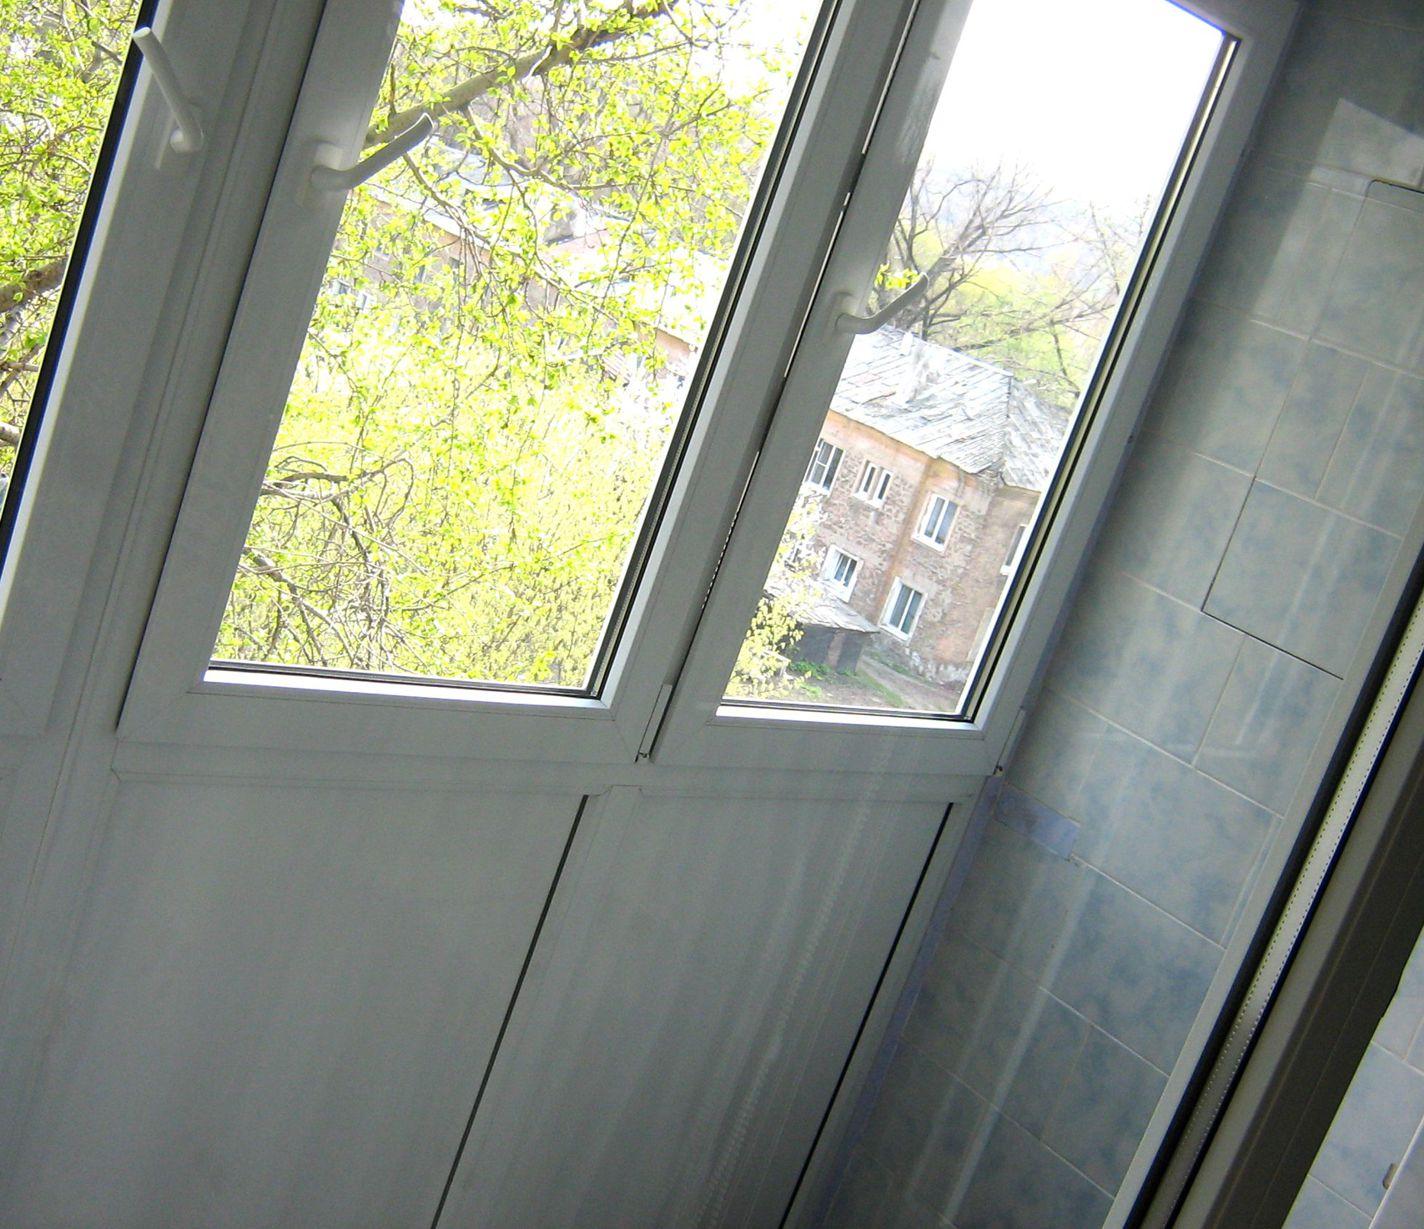 Сэндвич-панели для откосов, а также другие типы отделки оконного проема